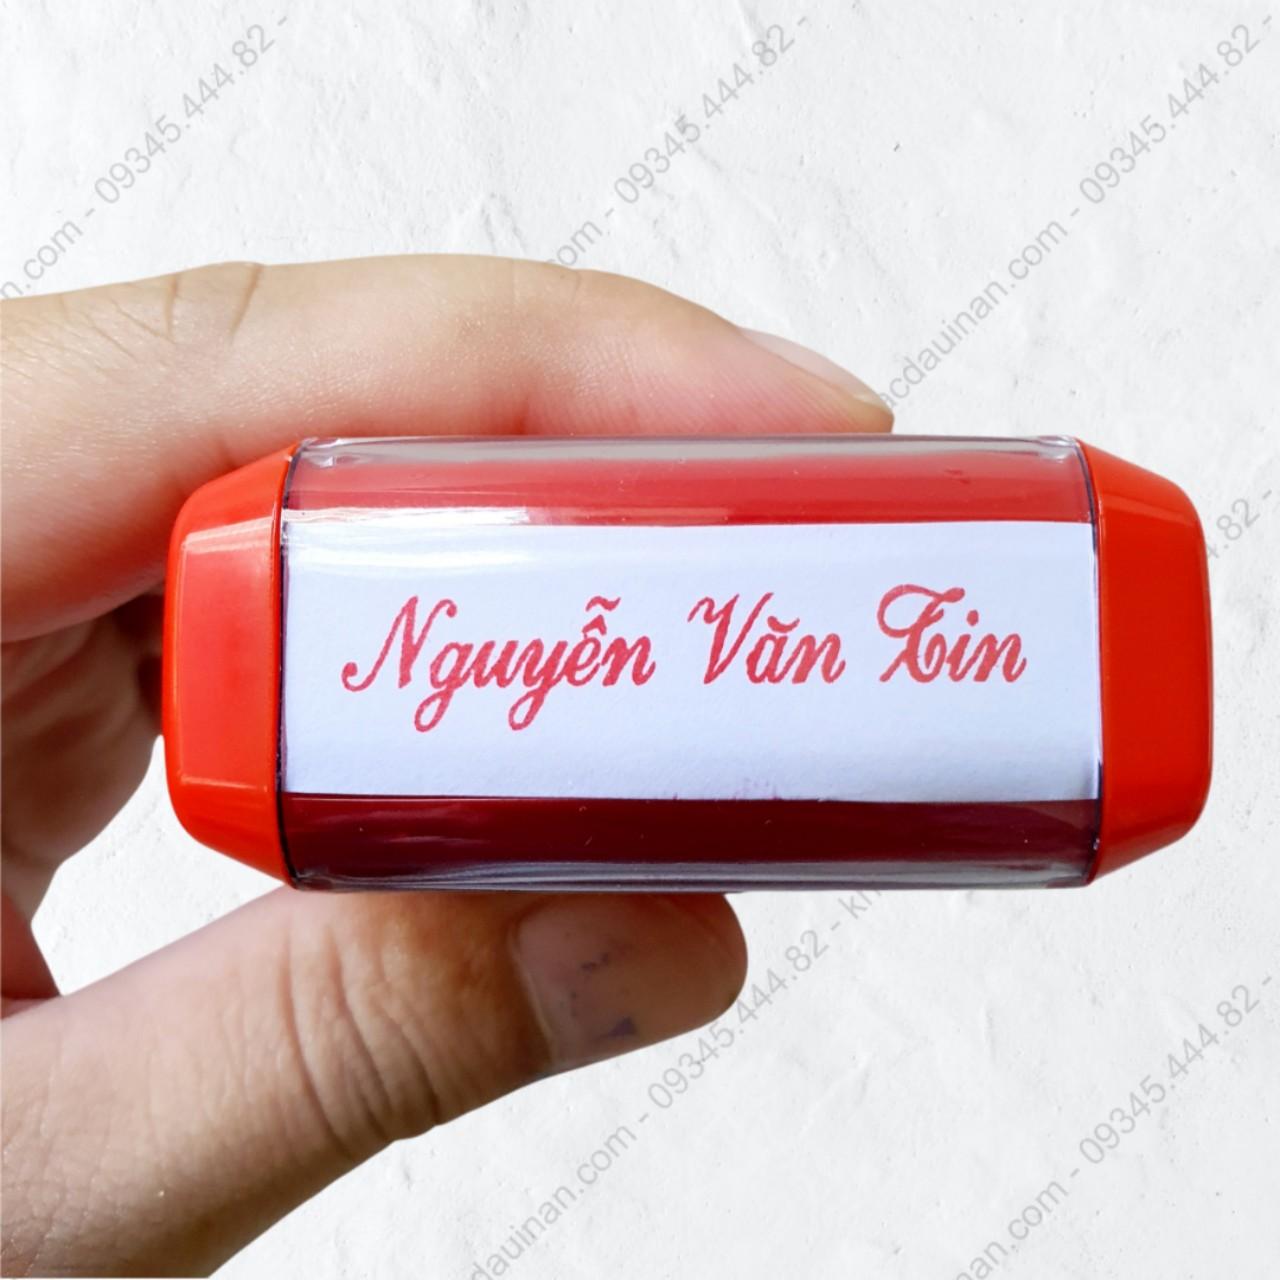 Nhận Làm con dấu tên với chất lượng tốt sản phẩm chính hàng. dịch vụ khắc dấu lấy nhanh trên địa bàn TPHCM - Hà Nội